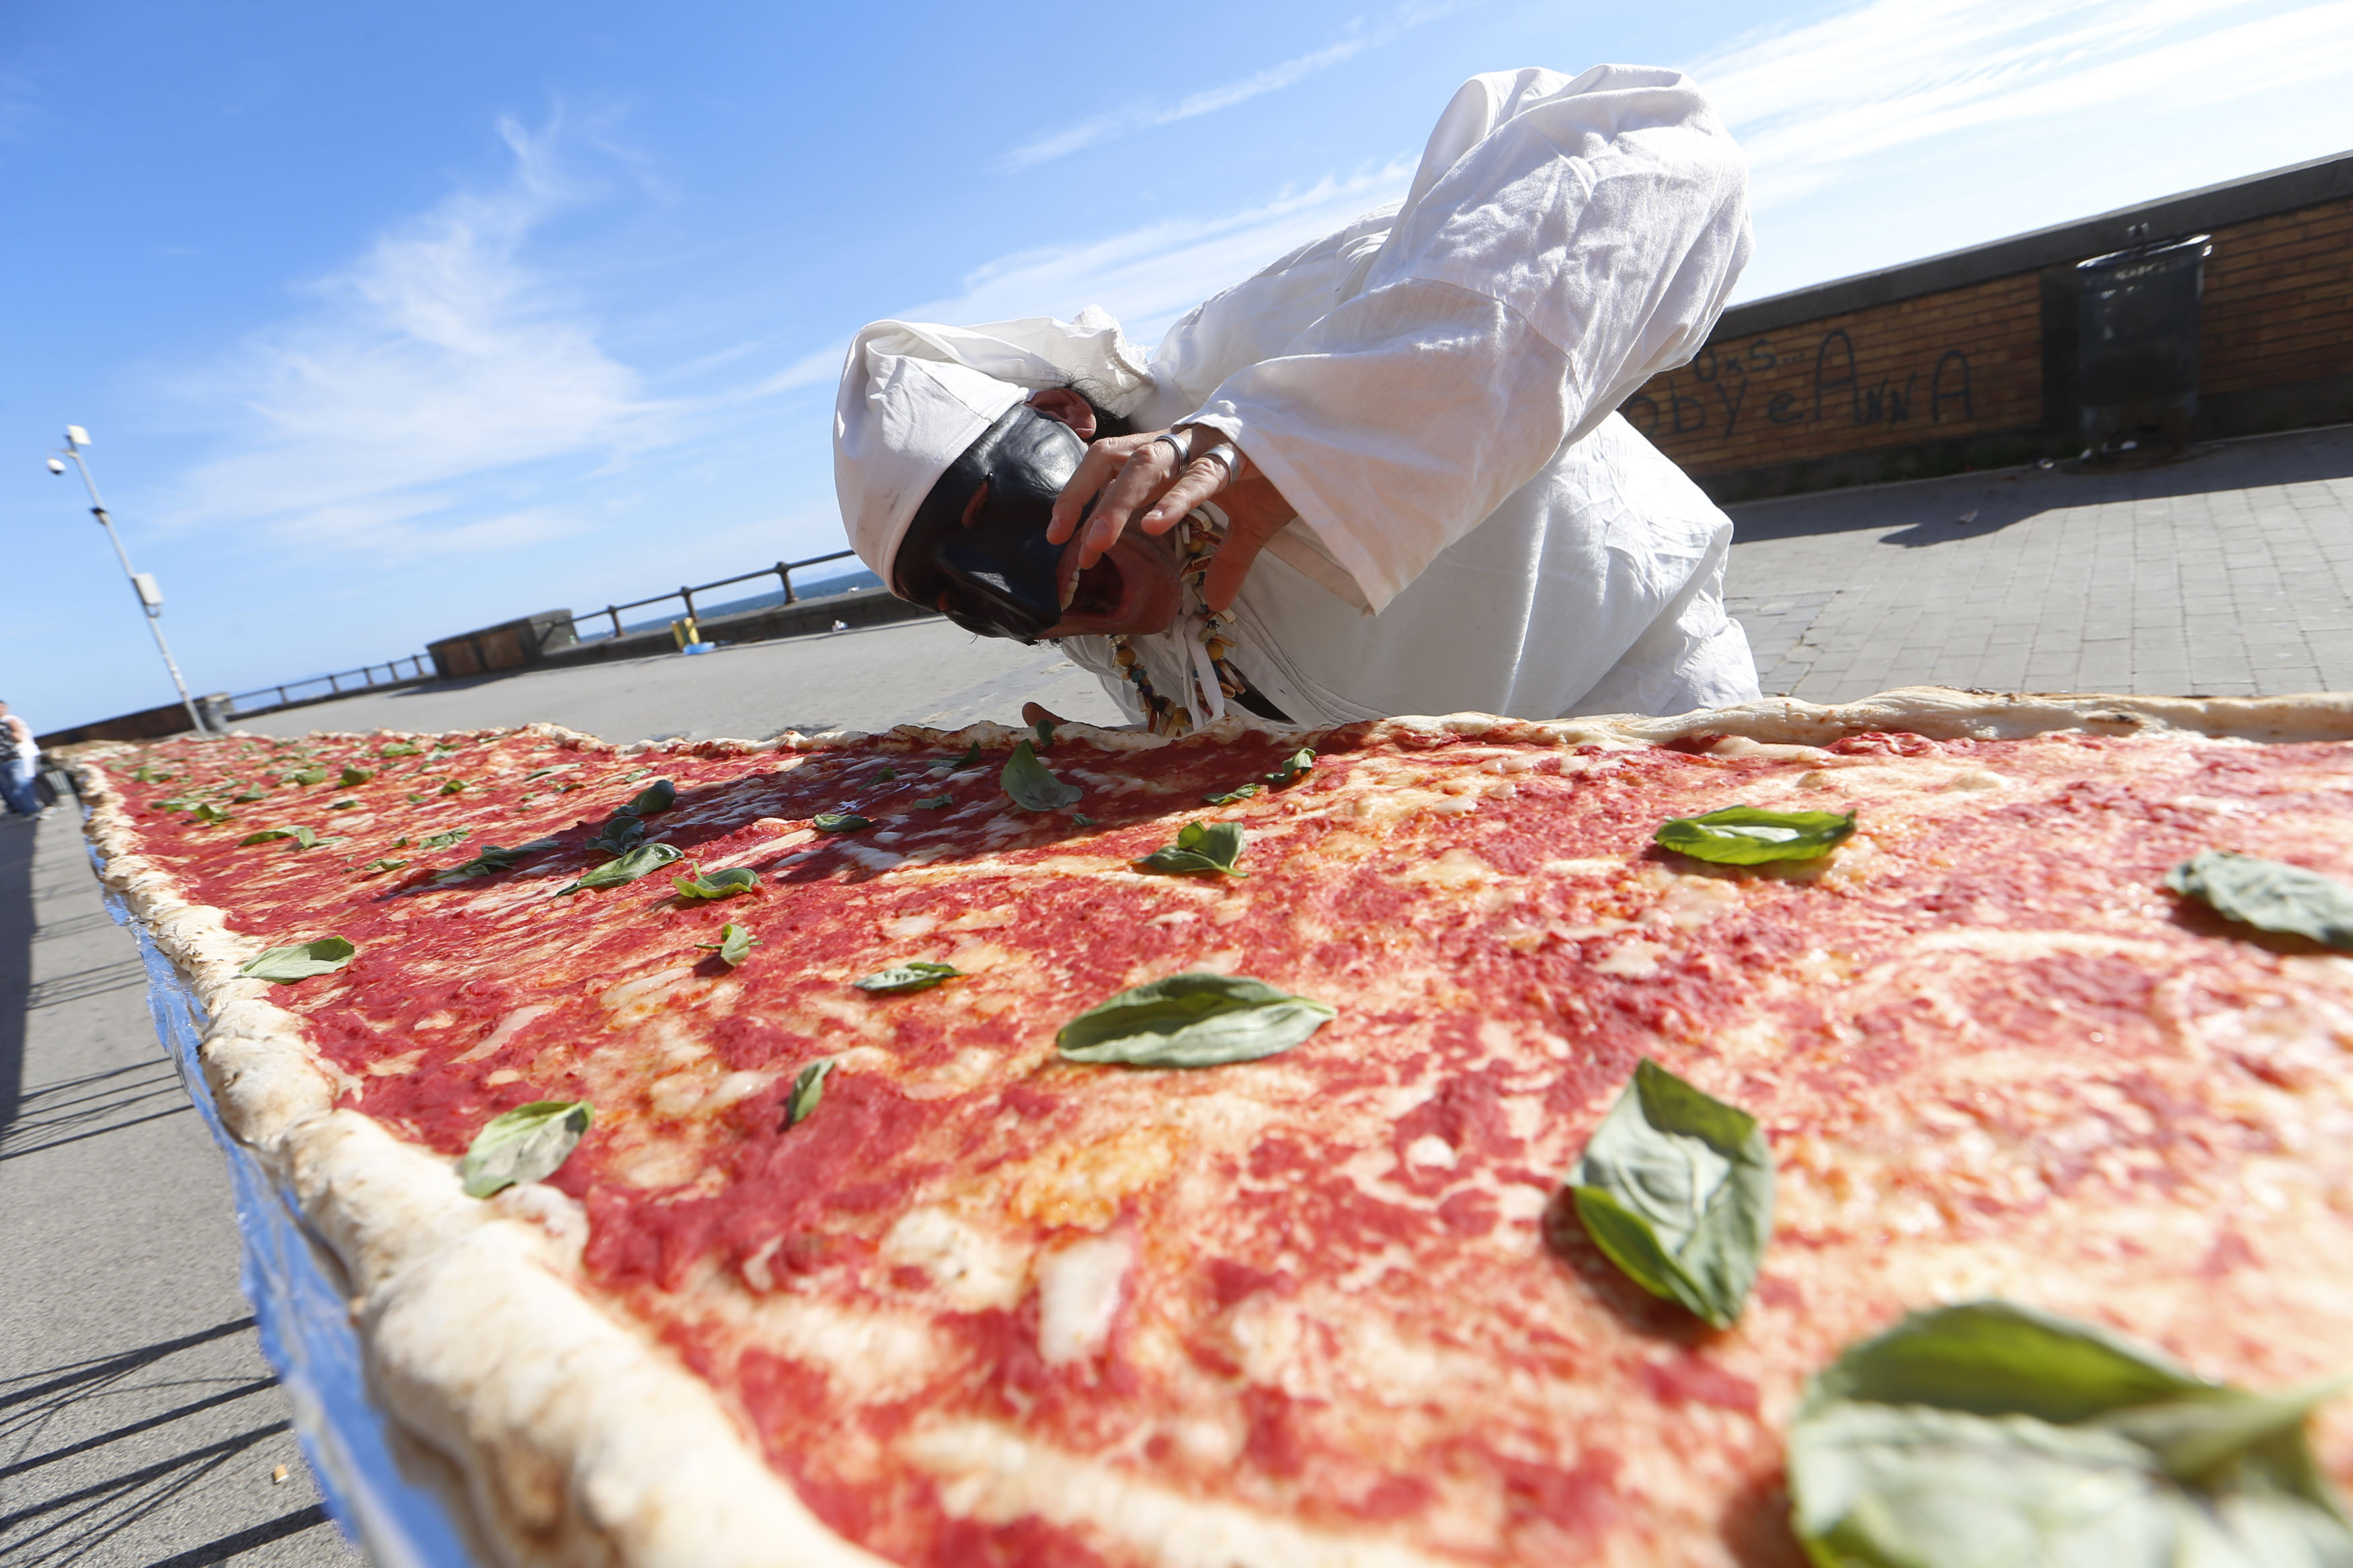 ▲▼拿波里長披薩。(圖/達志影像/美聯社)